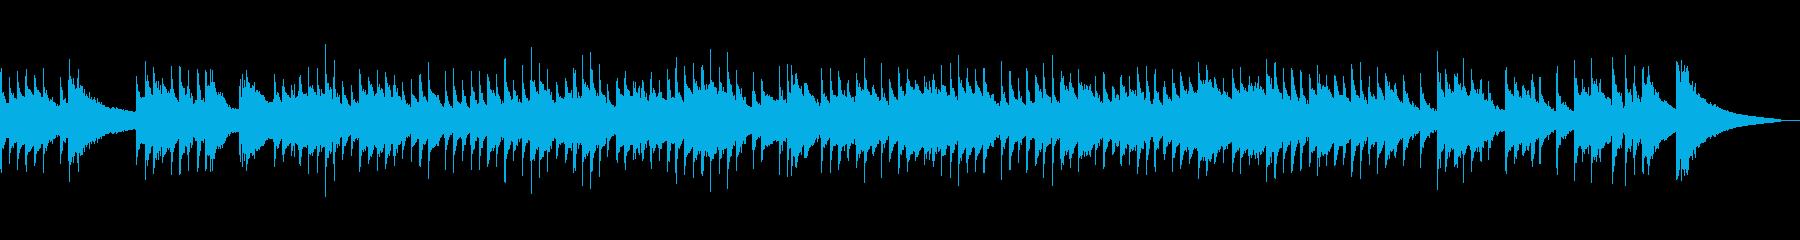 【アコギのみ】悲しくて絶望的な曲の再生済みの波形